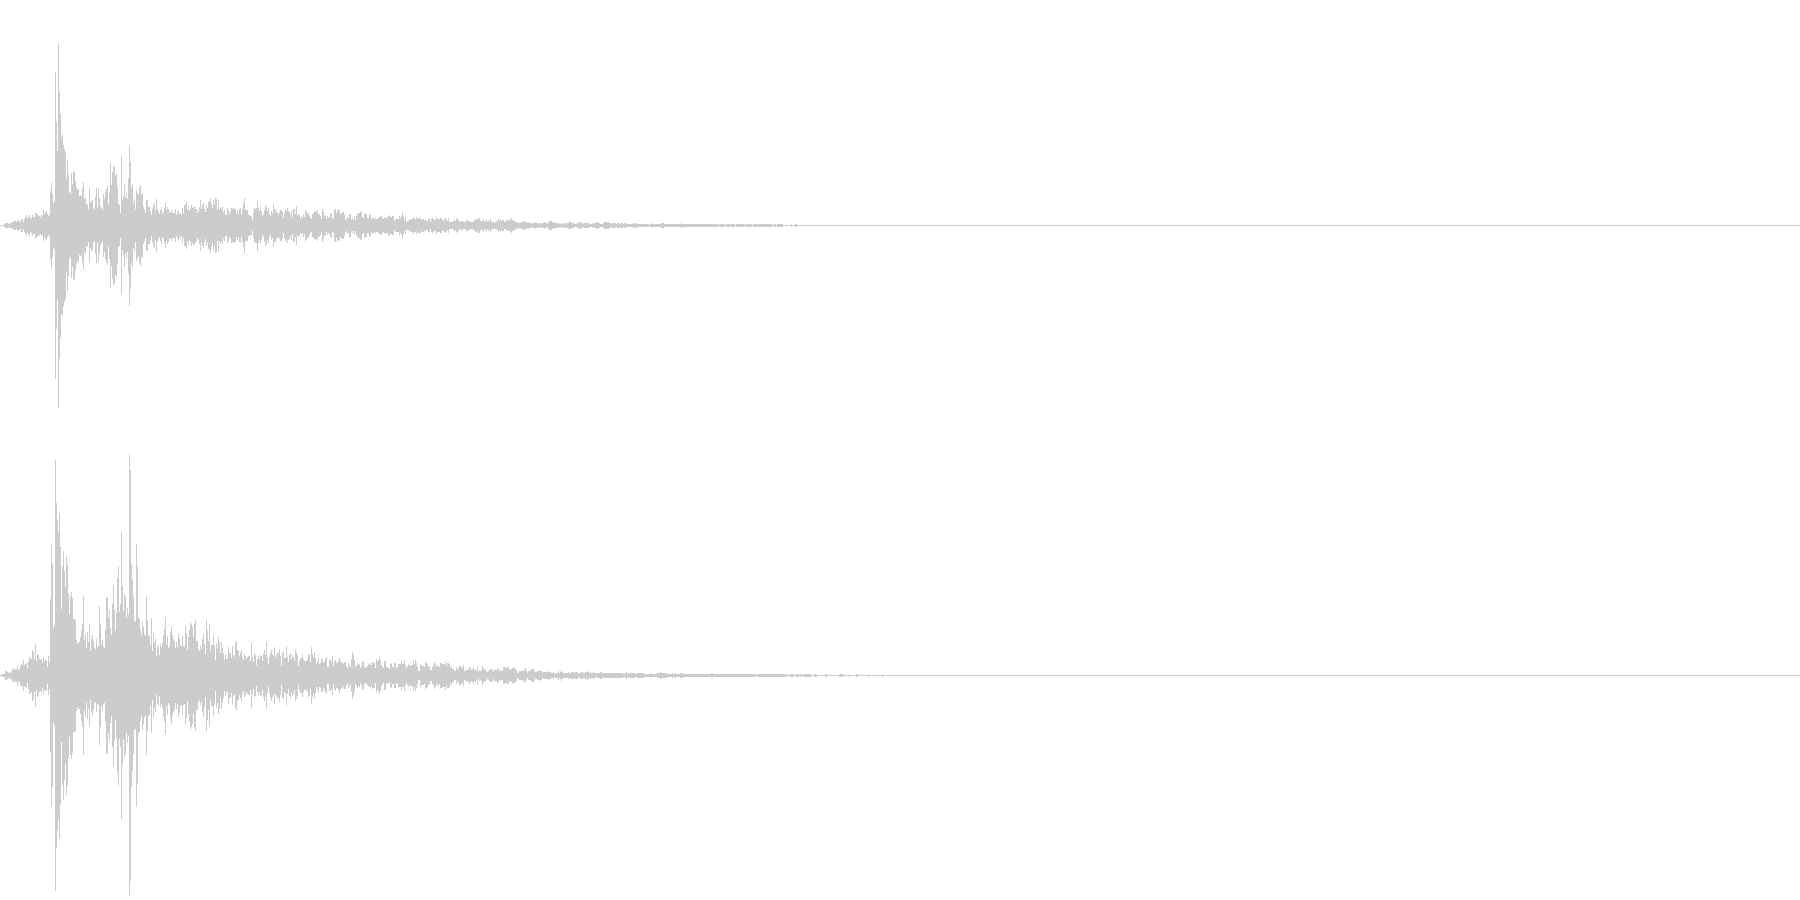 水滴 2の未再生の波形